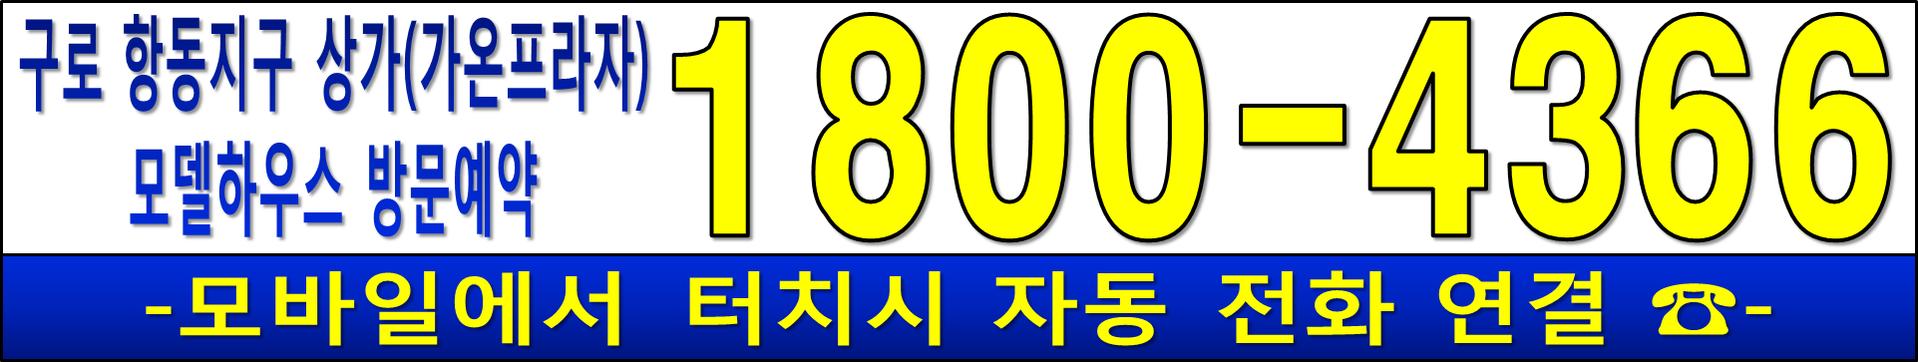 구로 항동지구 상가 전화 3